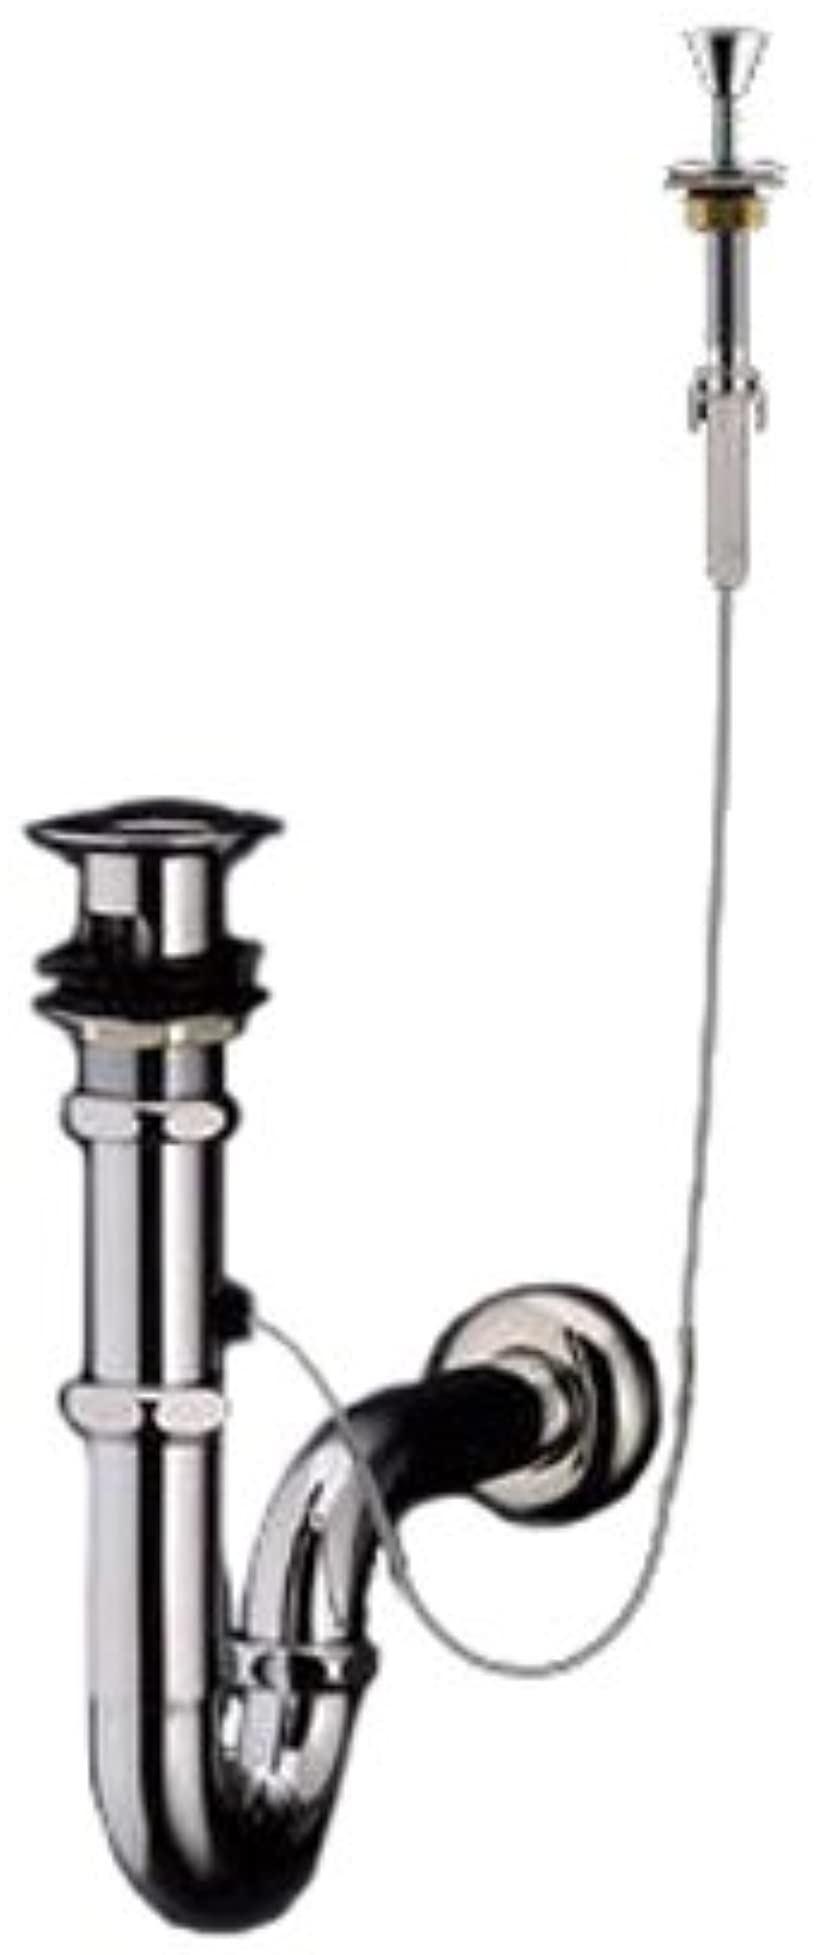 排水金具 32mm・Pトラップワンプッシュ式 T7PW8